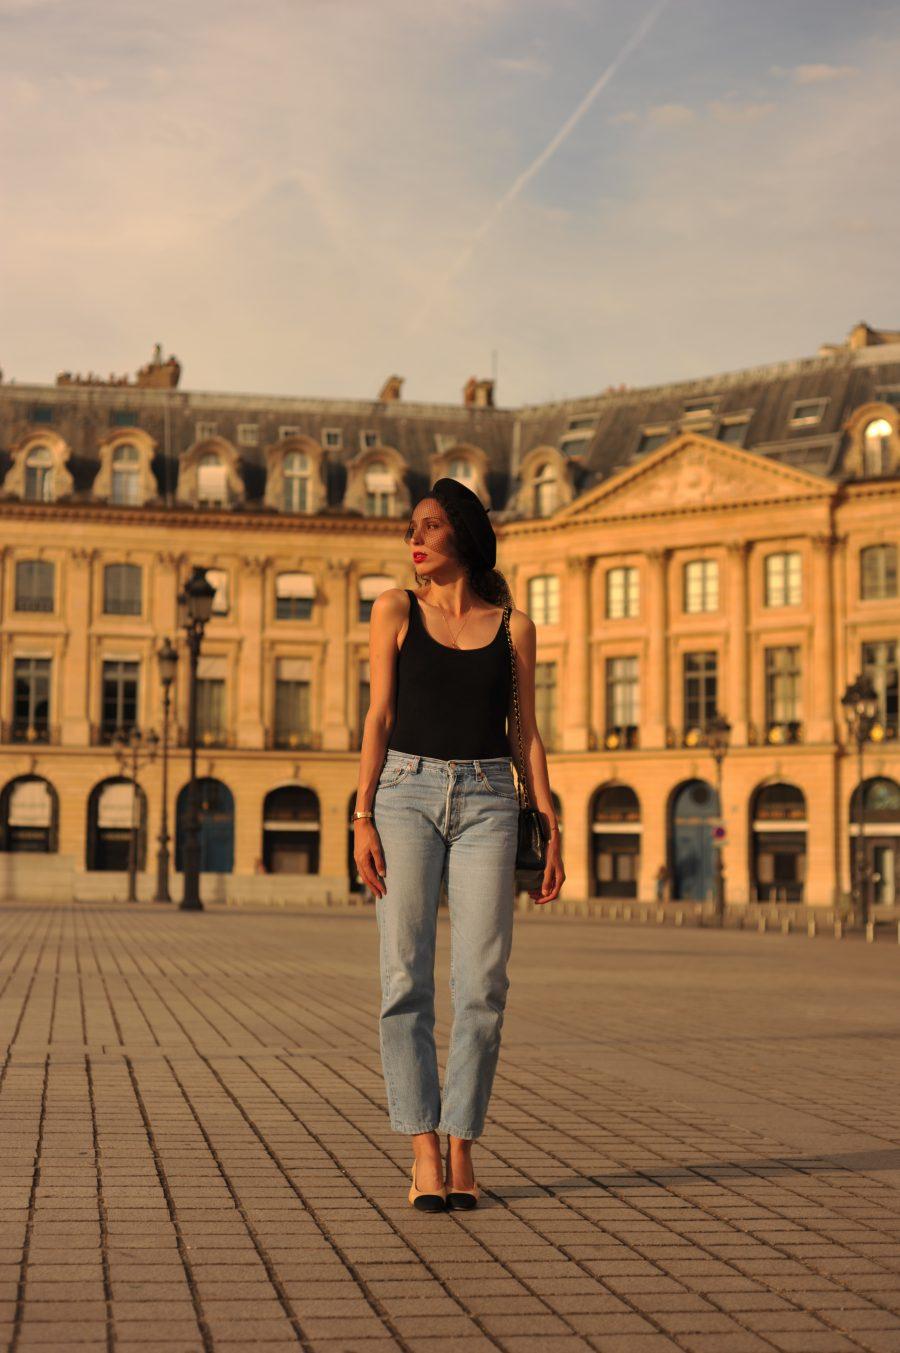 laulhere-paris-7